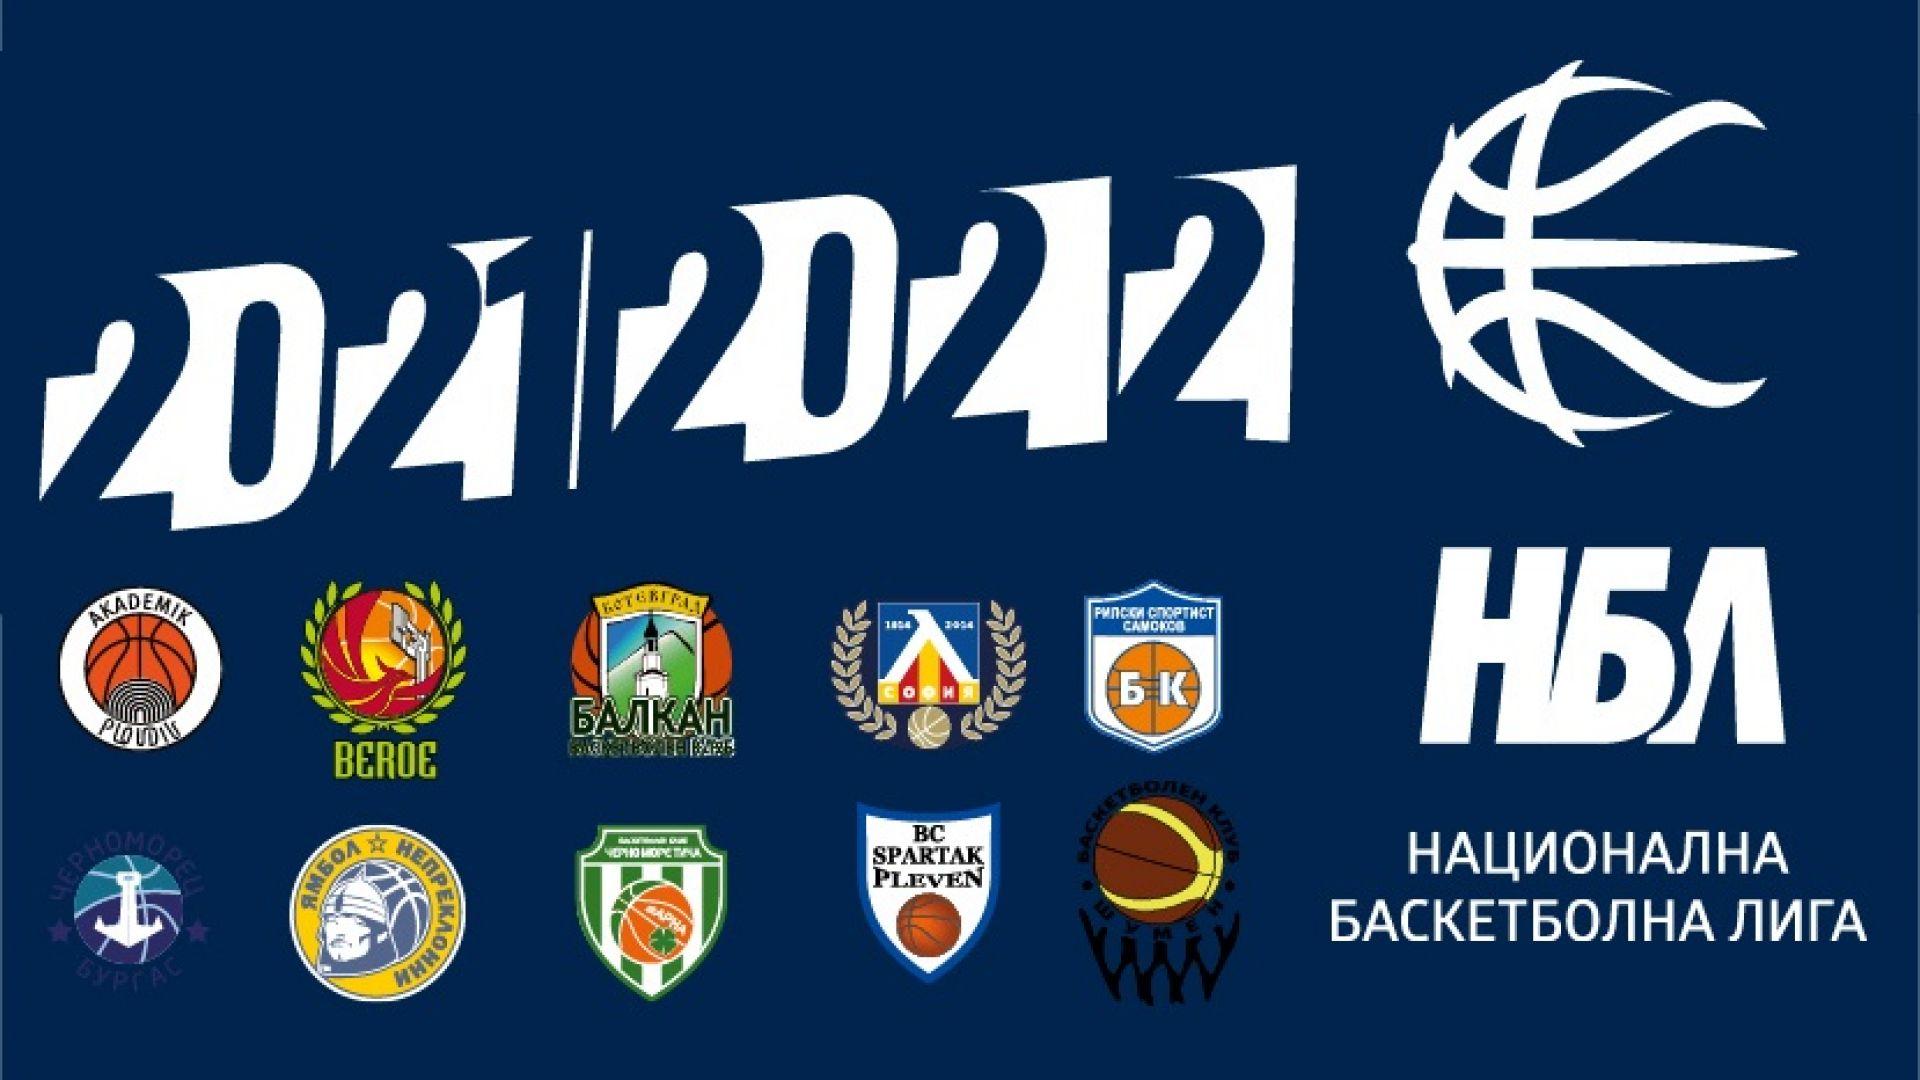 Българският баскетбол се завръща, НБЛ е отново тук!